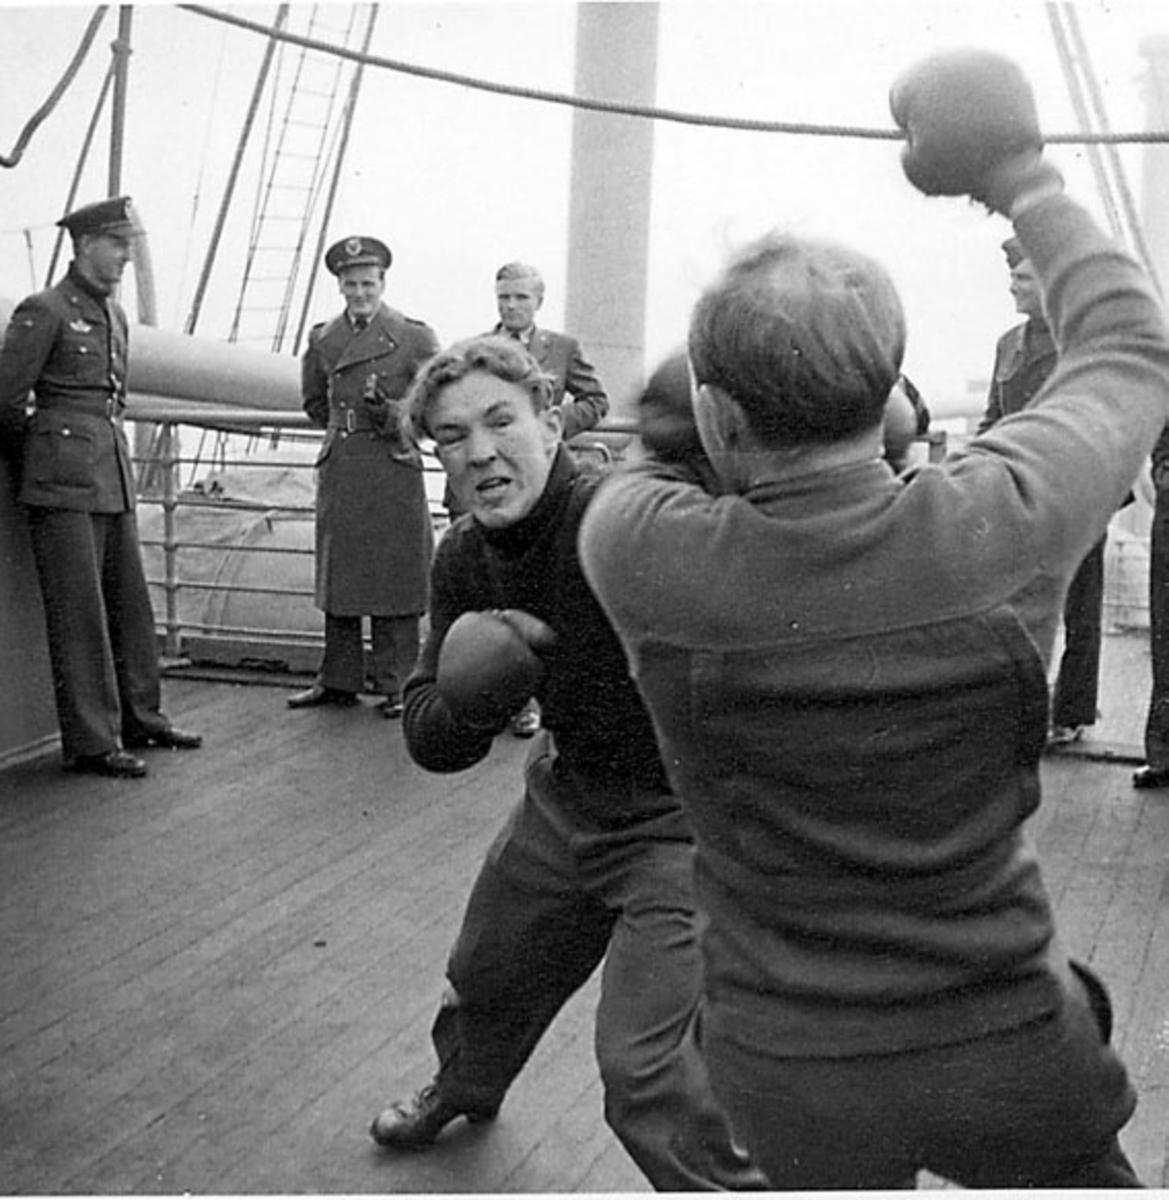 """Portrett, 2 personer, militære, i forgrunnen, i """"boksekamp"""" ombord i et fartøy. Andre personer står og ser på"""